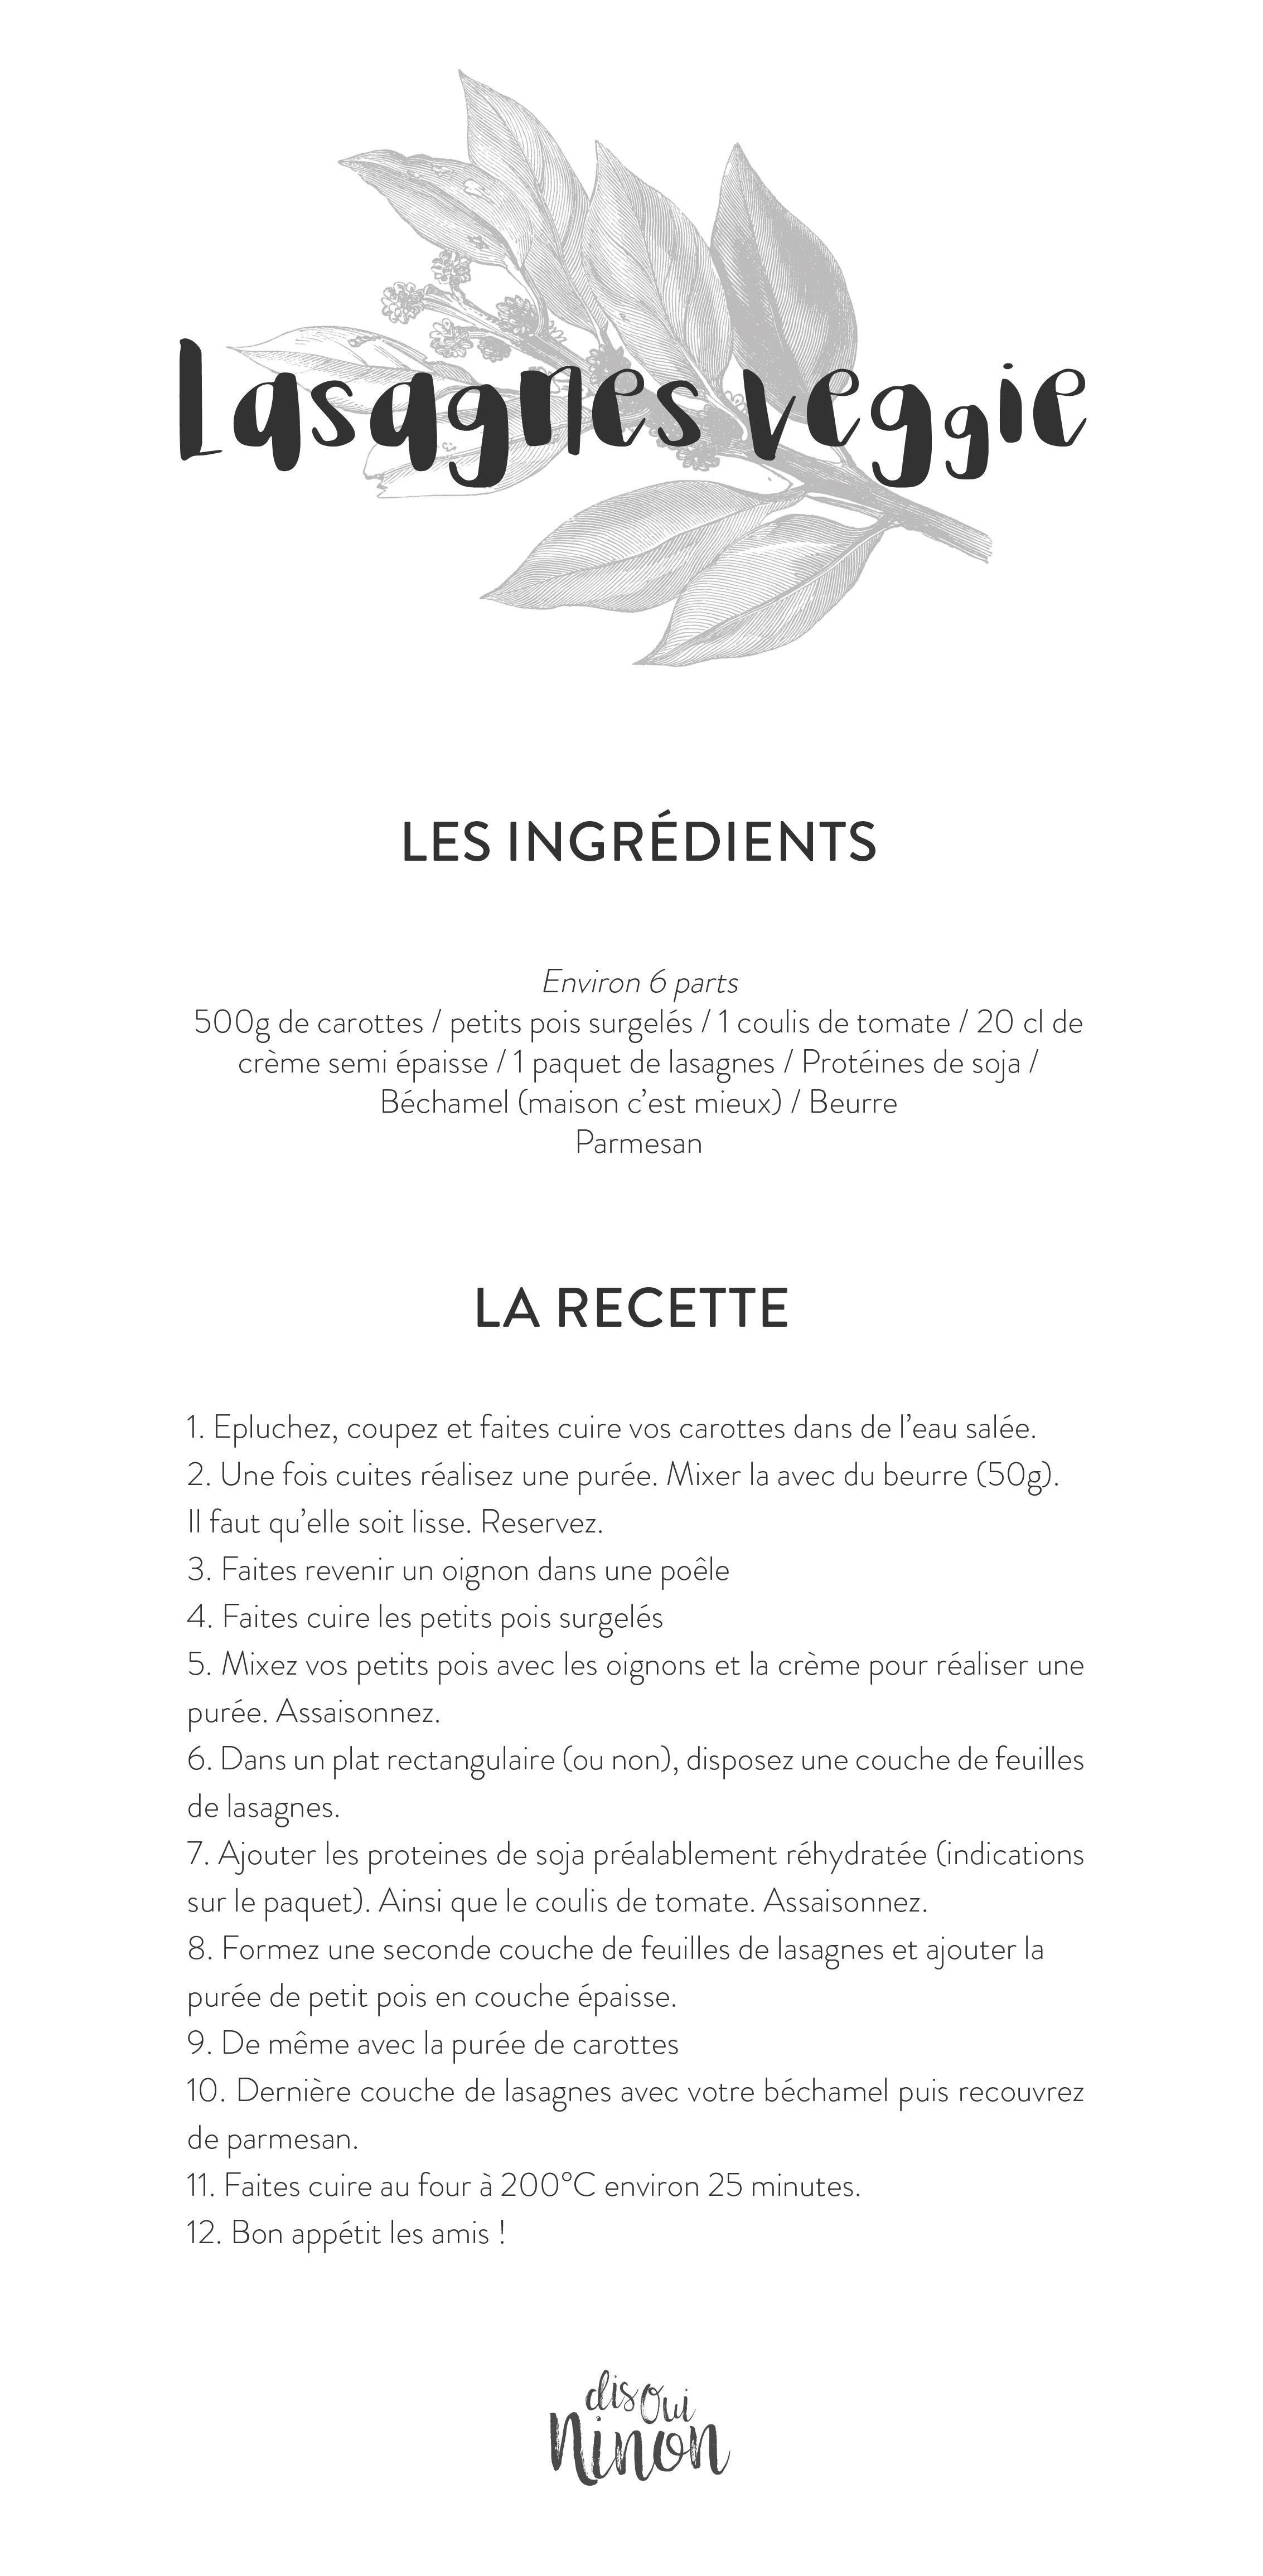 recette-lasagne-veggie